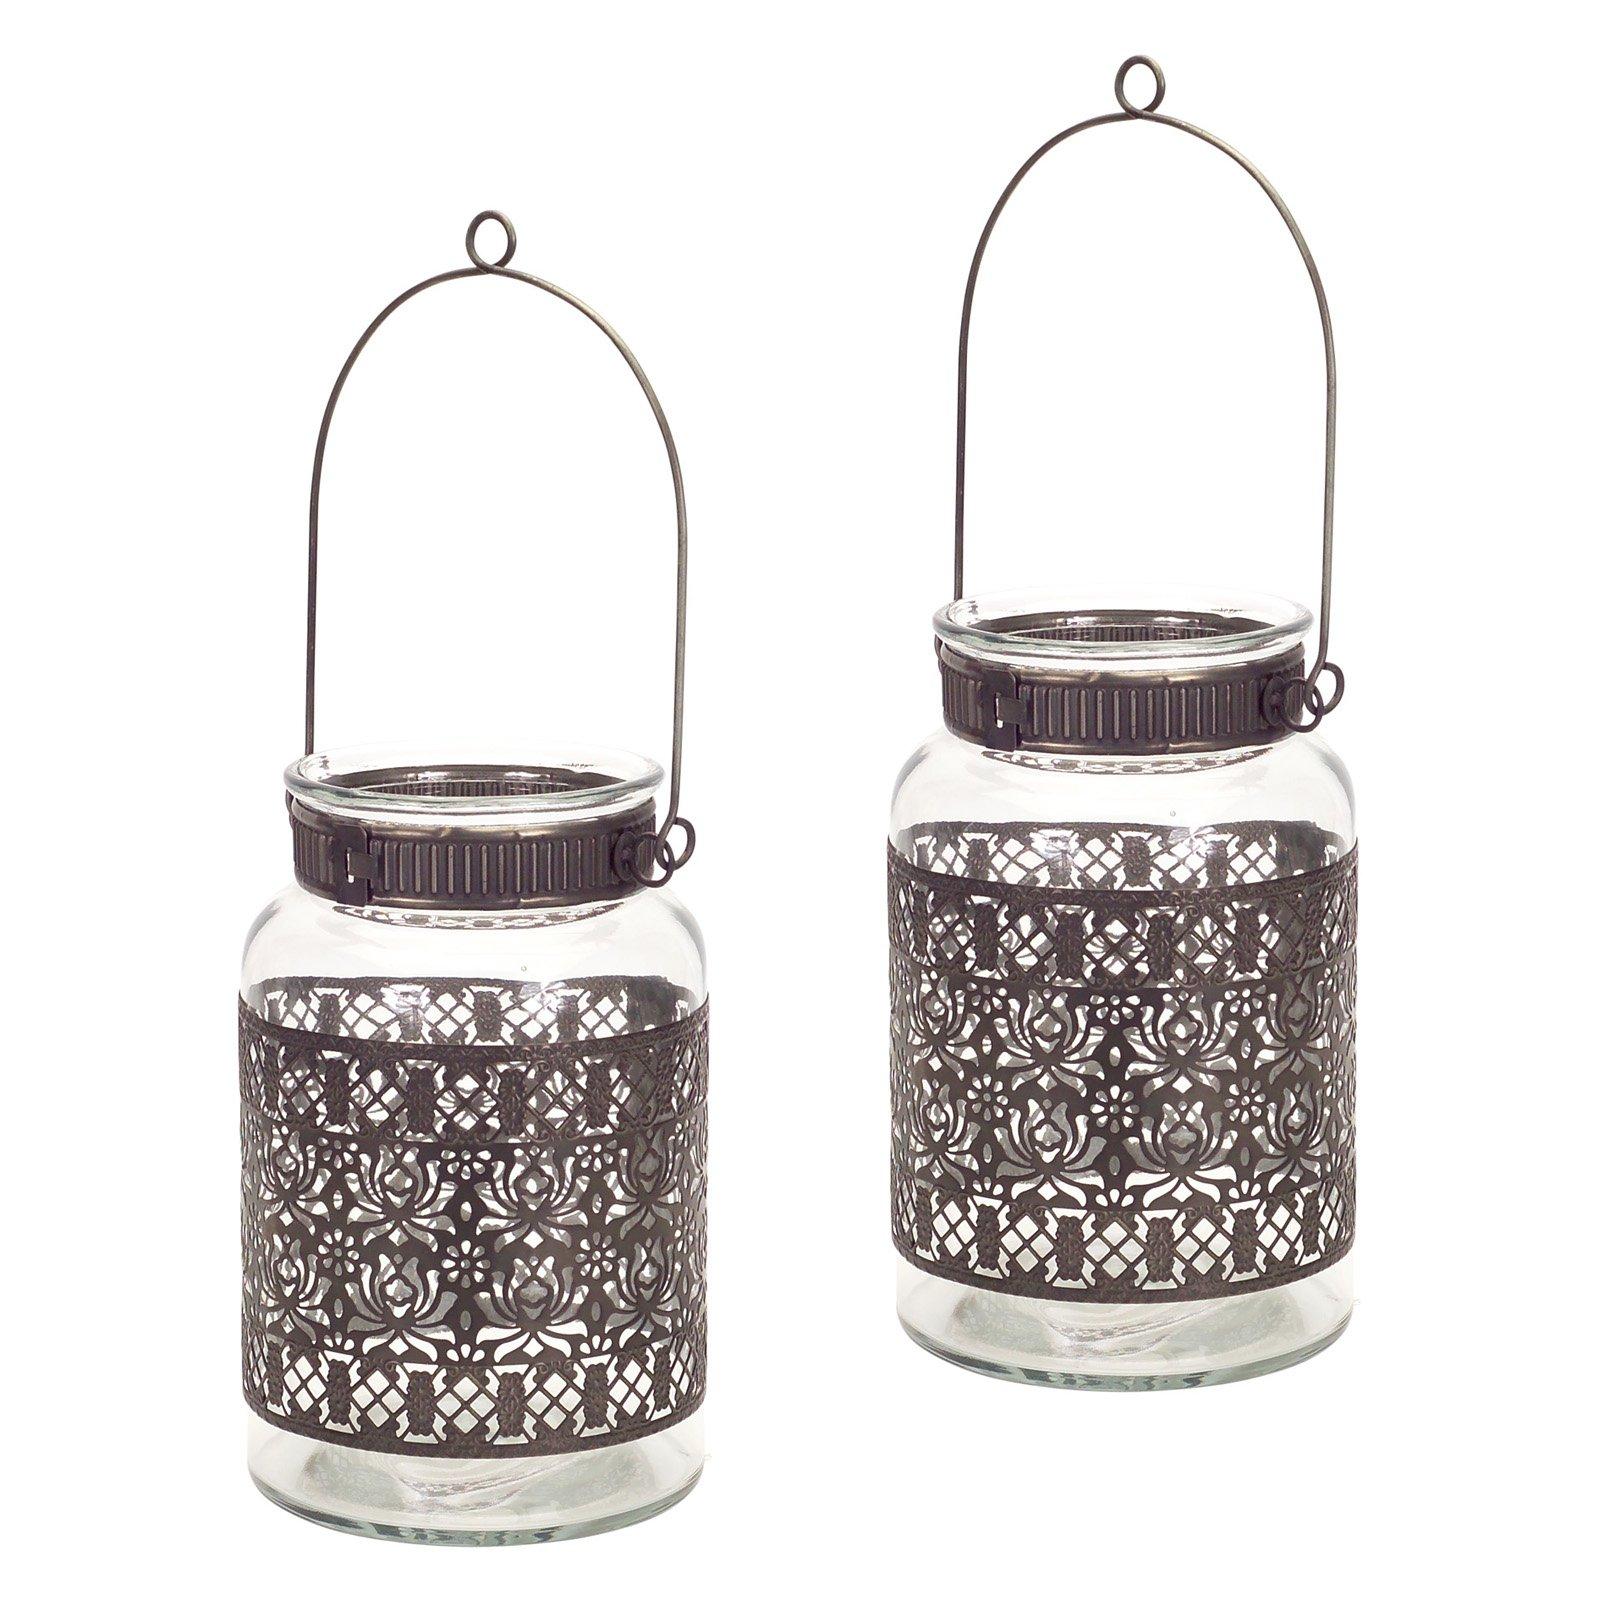 Melrose International Jar with Handle Candle Holder - Set of 2